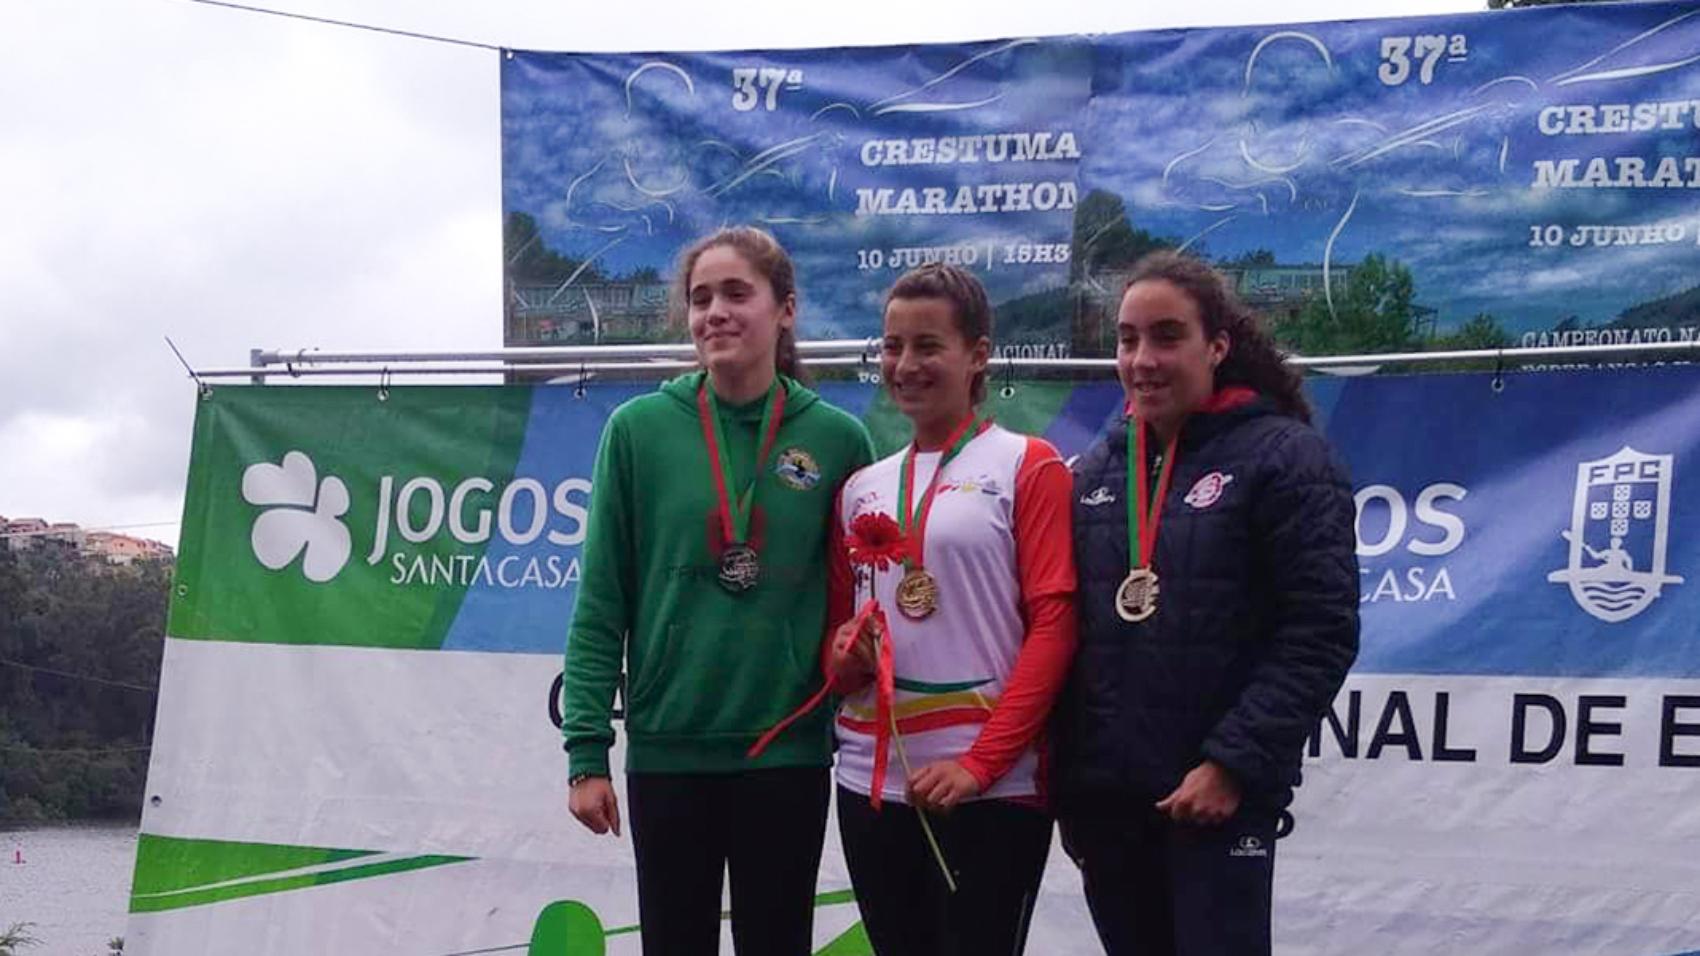 Beatriz Moreira vence em Crestuma e sagra-se Campeã Nacional! blog Canoagem Destaque DCC Douro Canoa Clube 2